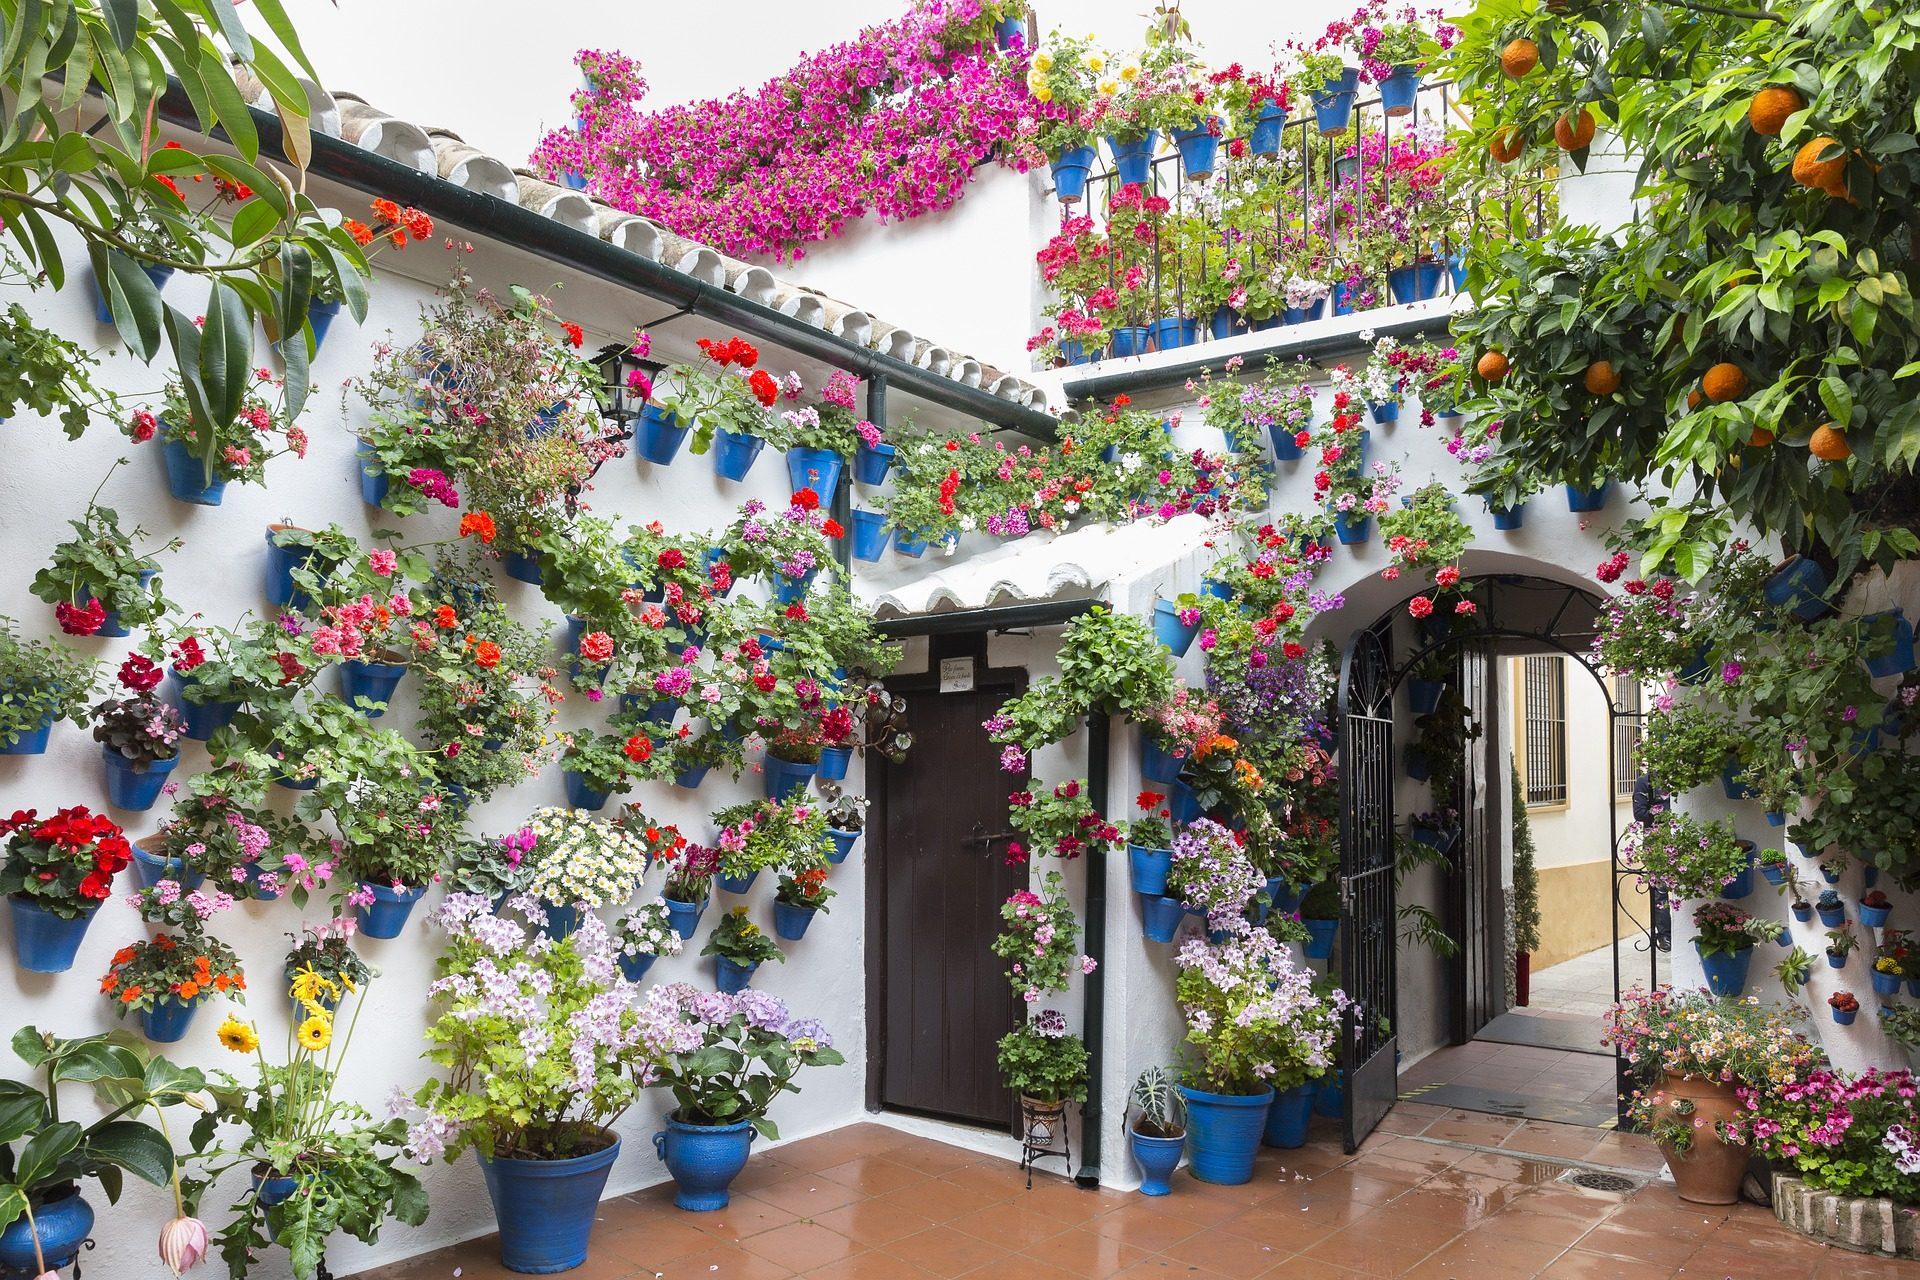 Αίθριο, Σπίτι, γλάστρες, λουλούδια, πολύχρωμο, Κόρδοβα, Ισπανία - Wallpapers HD - Professor-falken.com